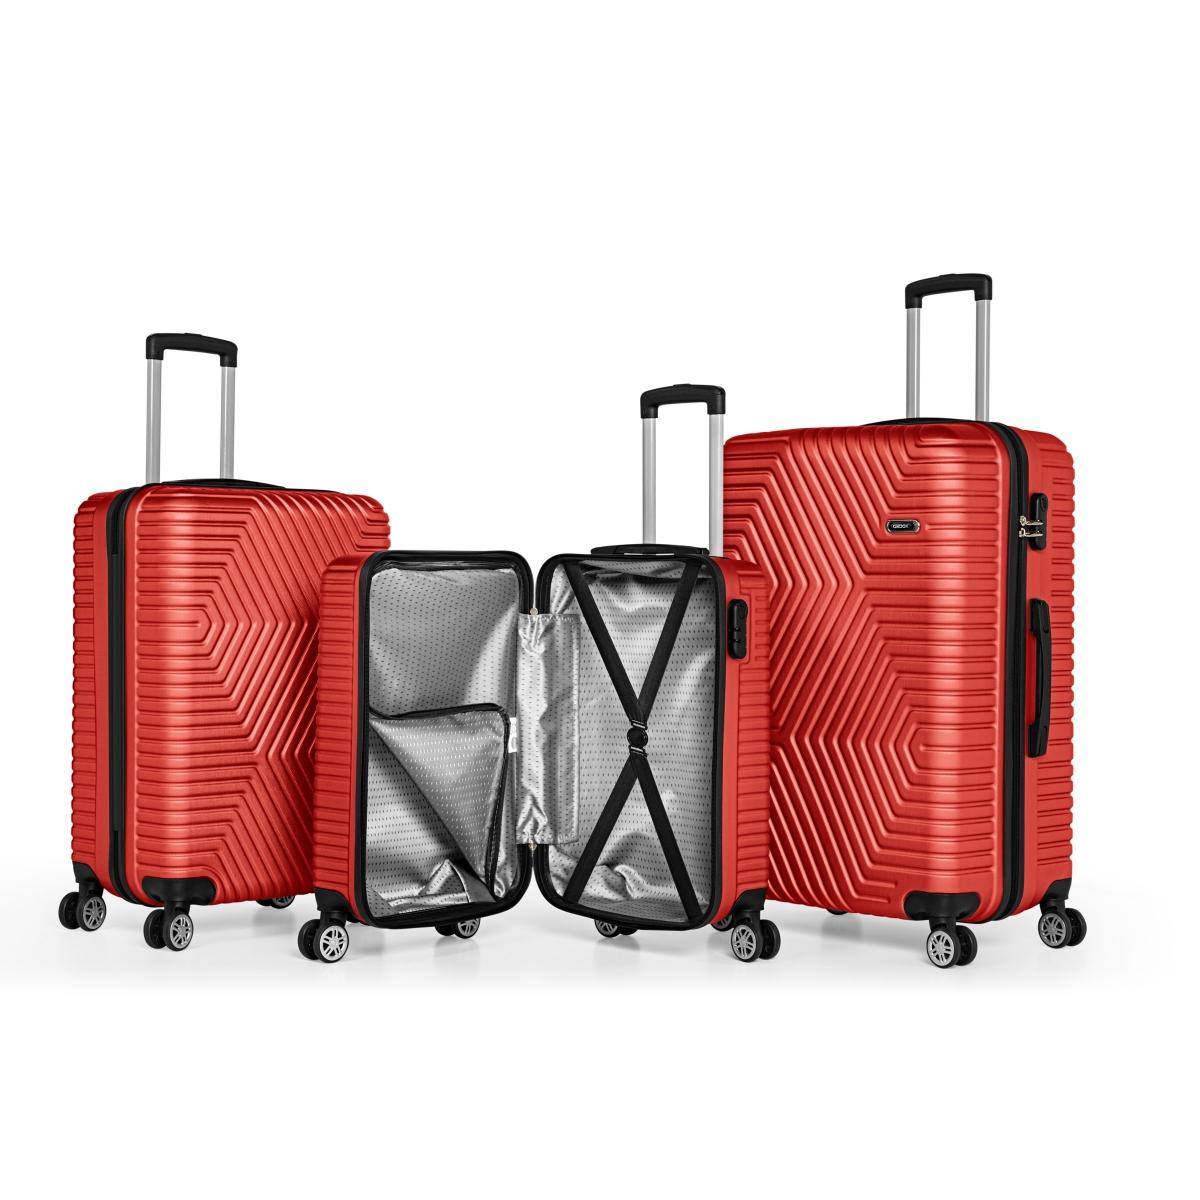 G&D Polo Suitcase ABS 3'lü Lüx Valiz Seyahat Seti - Model:600.14 Kırmızı